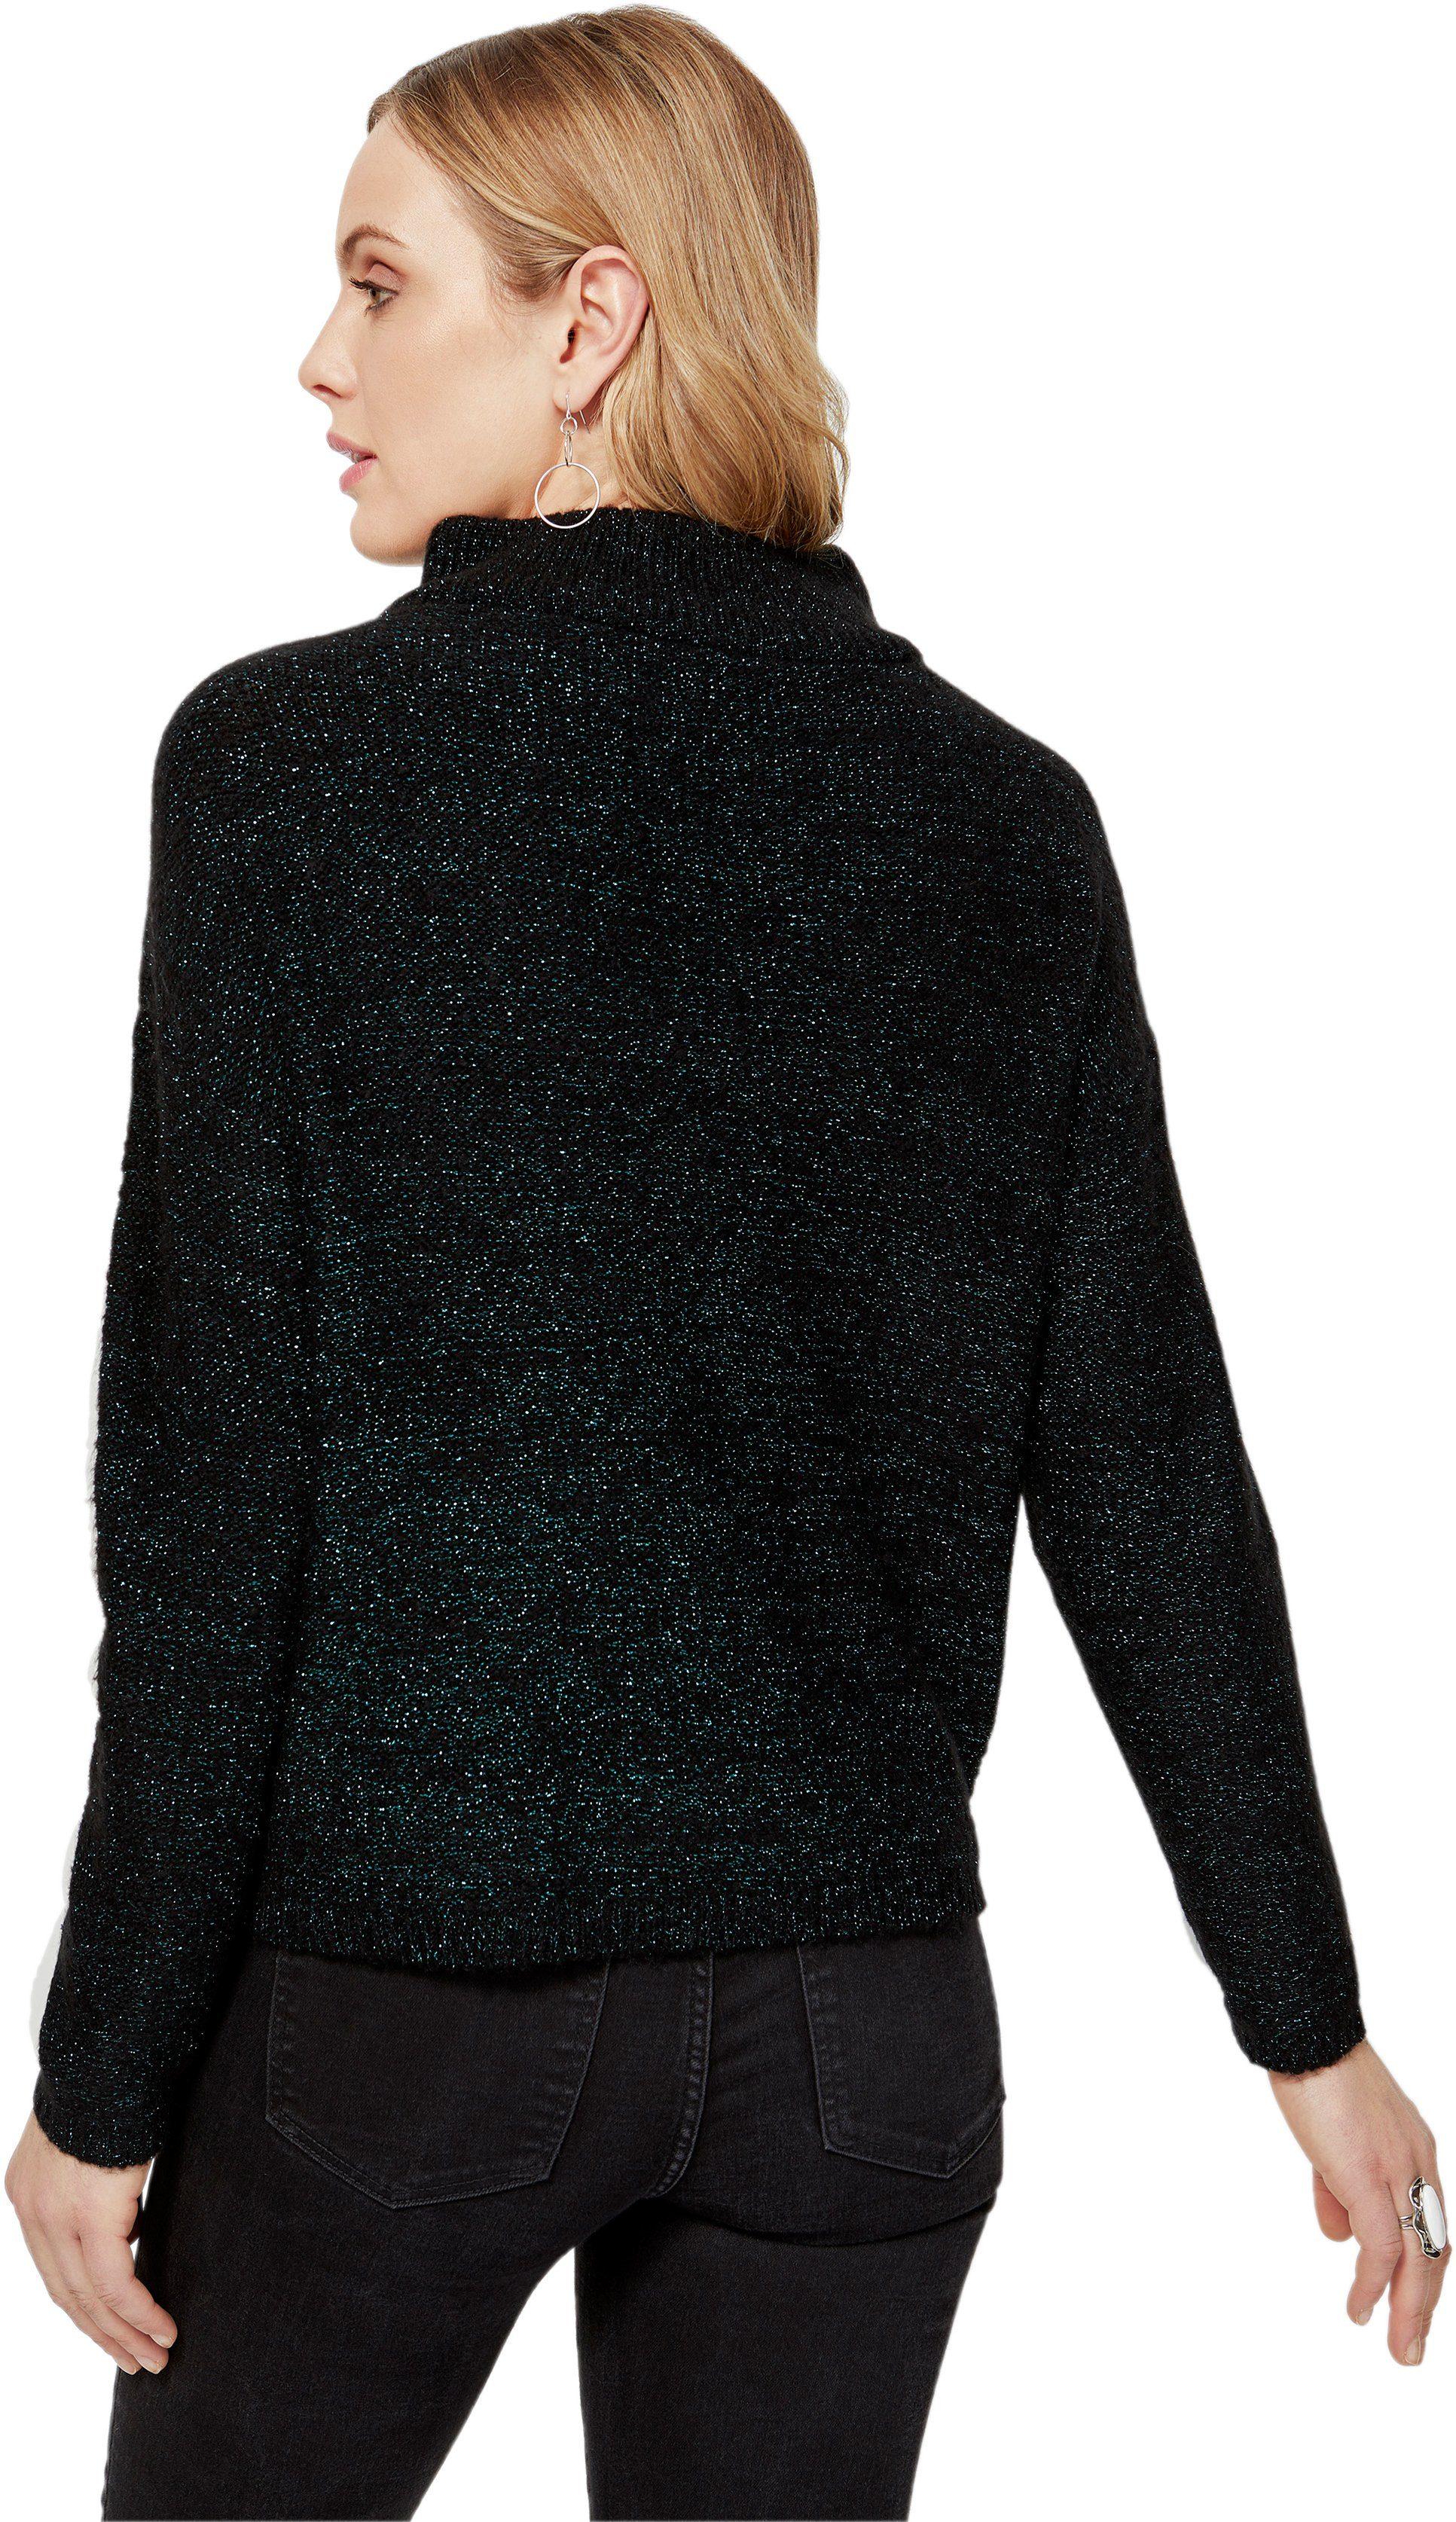 Pullover Stehkragen Kaufen Création Mit L Online OTkwPXiZu